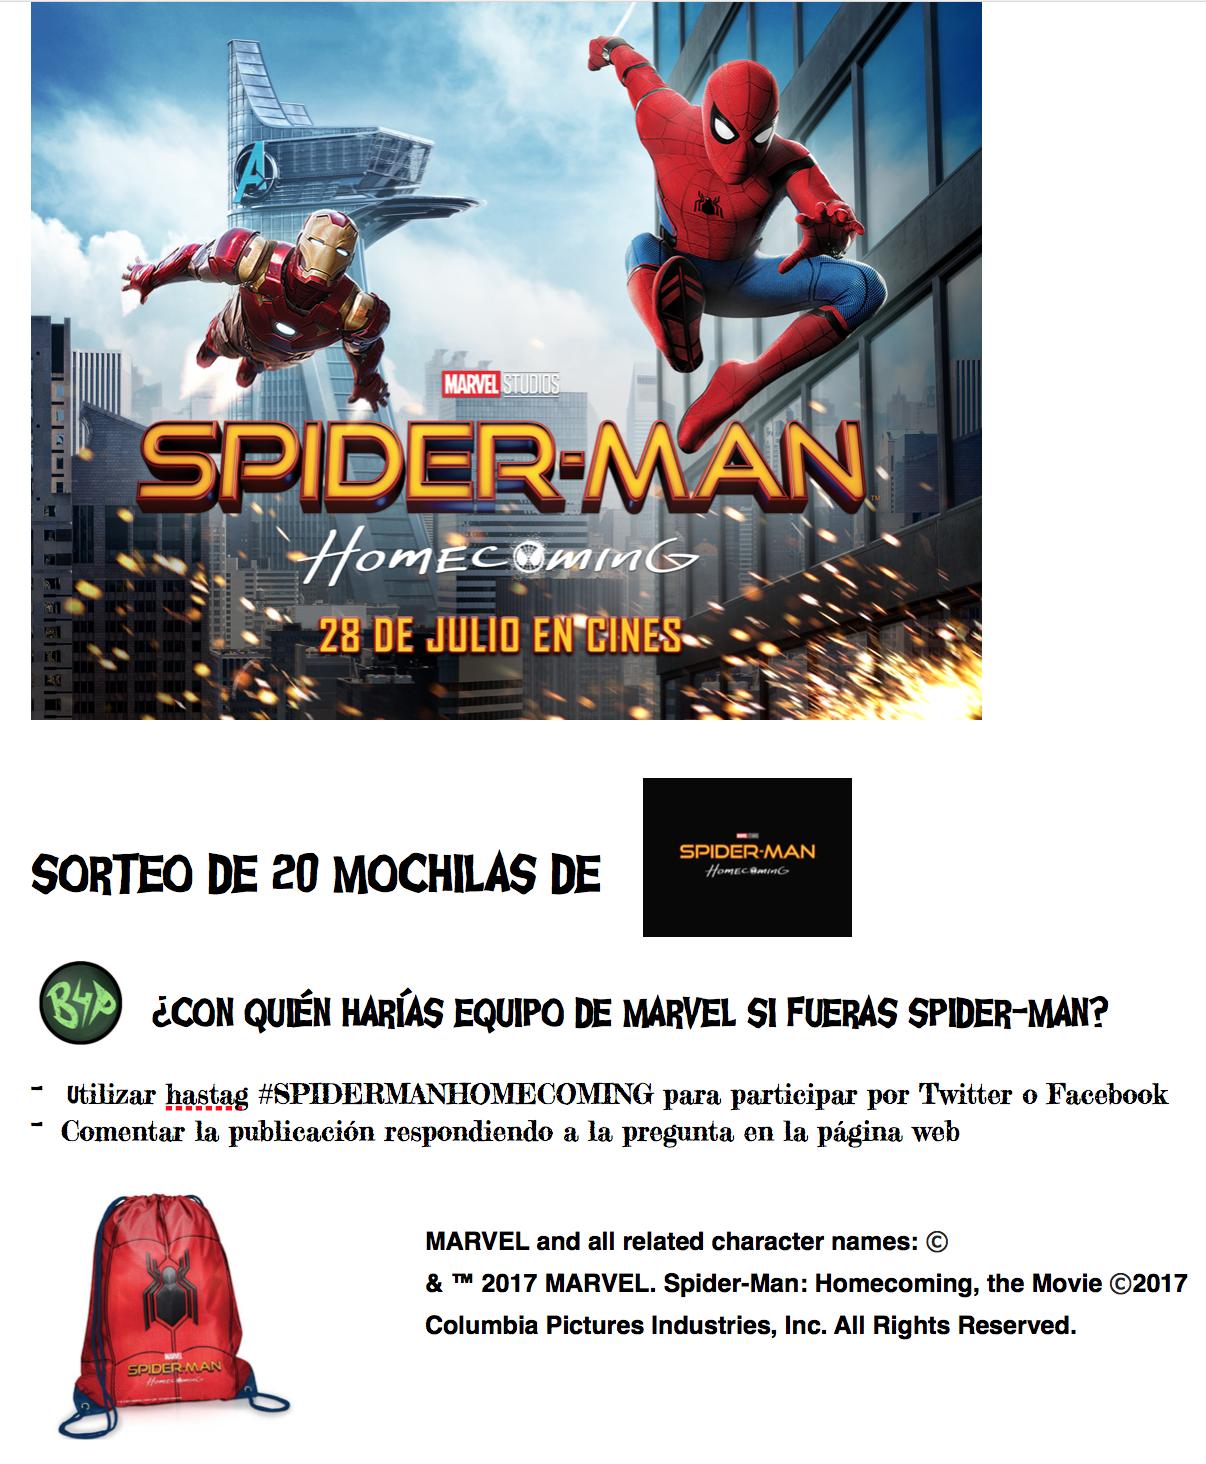 Sorteamos 20 espectaculares mochilas arácnidas de Spider-Man Homecoming